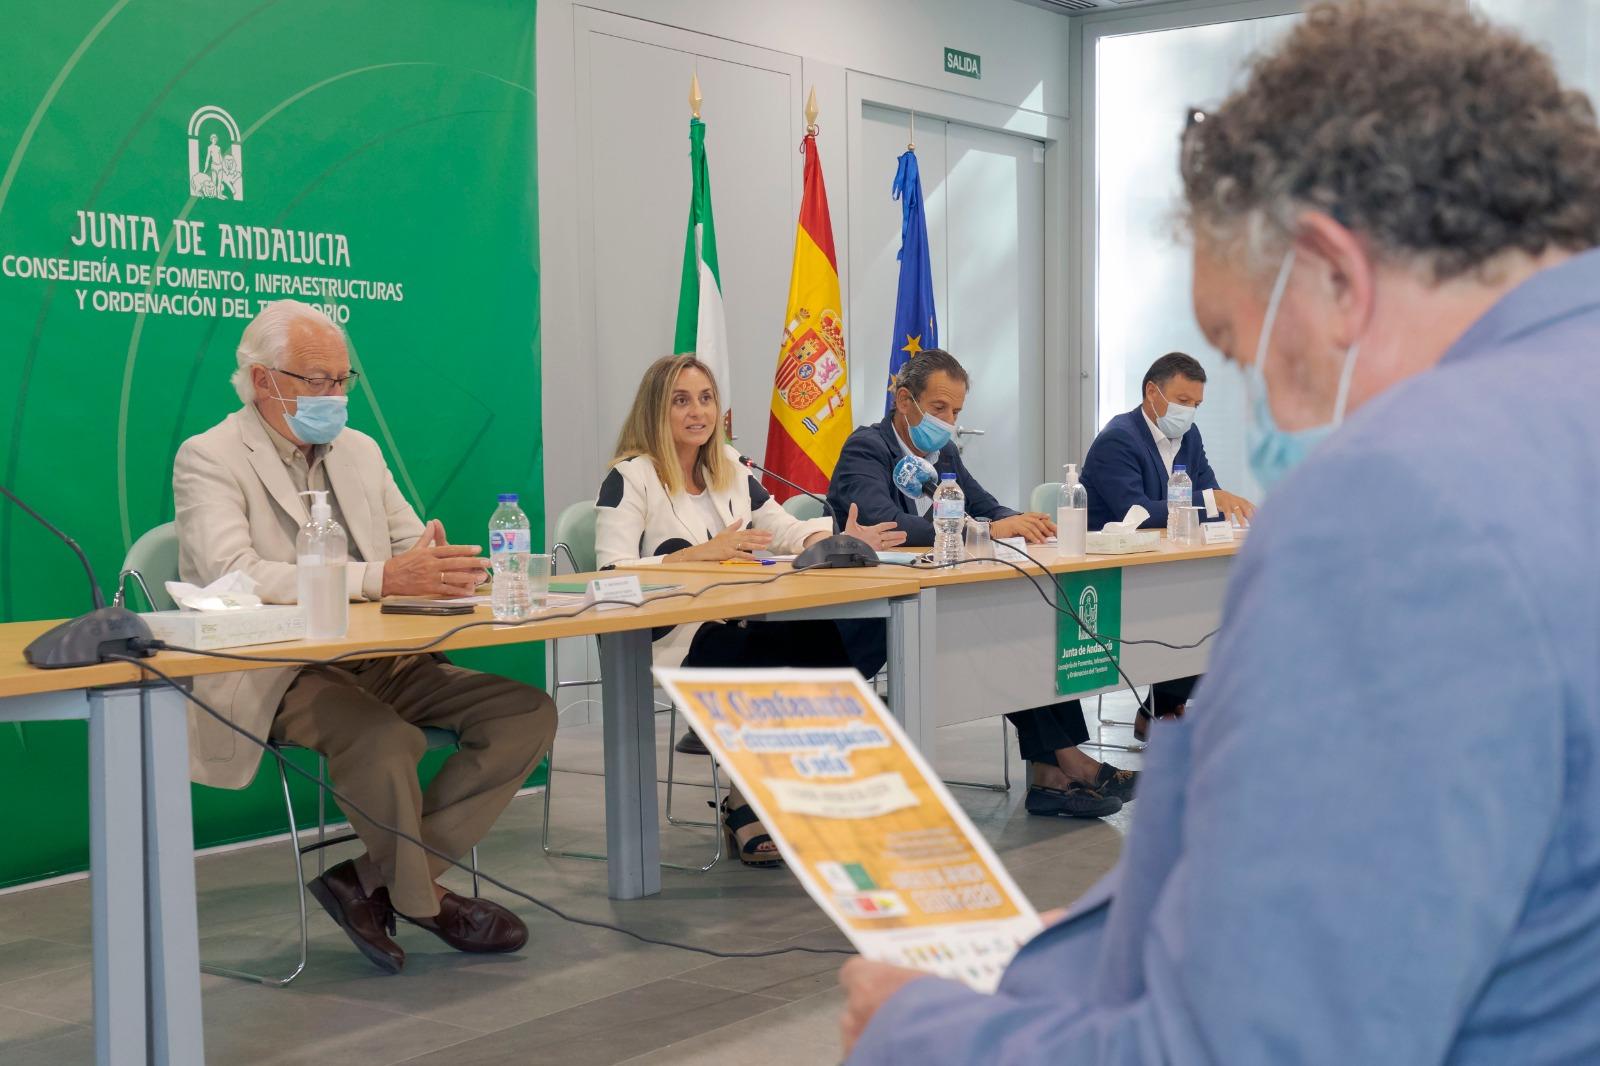 MARIFRÁN CARAZO PRESENTA LA TRAVESÍA LISBOA-ANDALUCÍA-CEUTA 2020 QUE ARRANCA EL DÍA 24